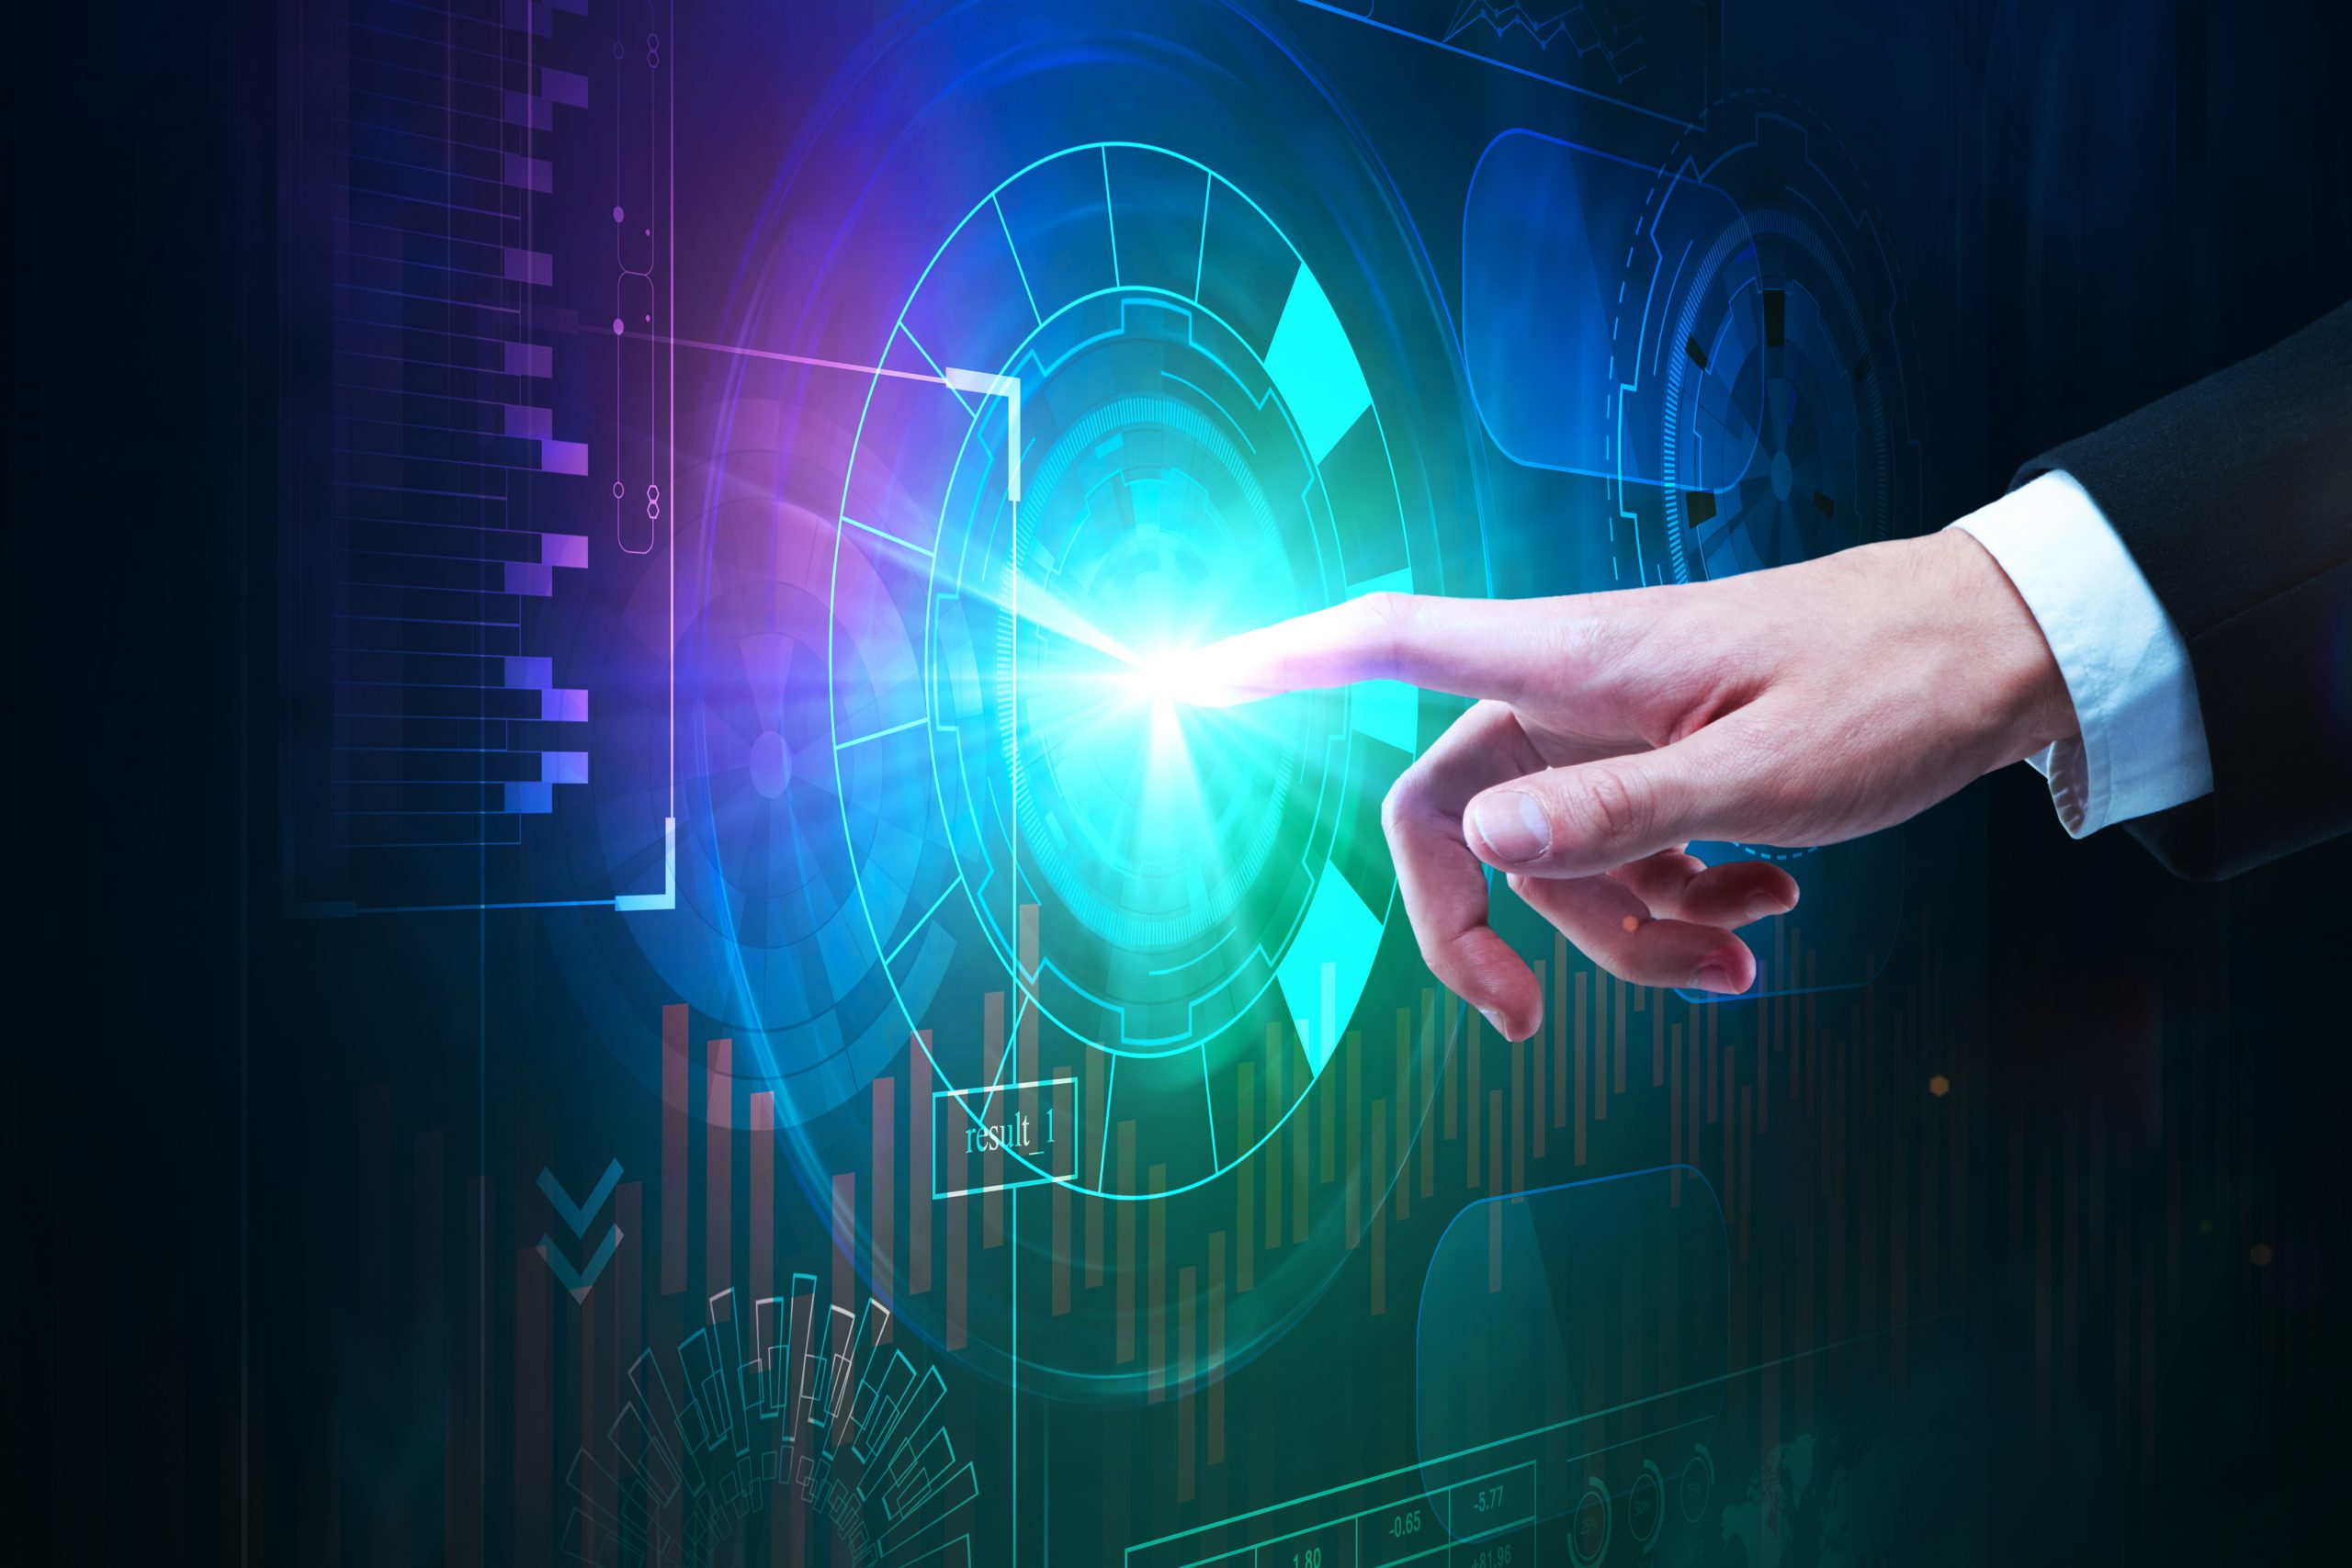 Entwicklung von Wissenschaft und Technologie